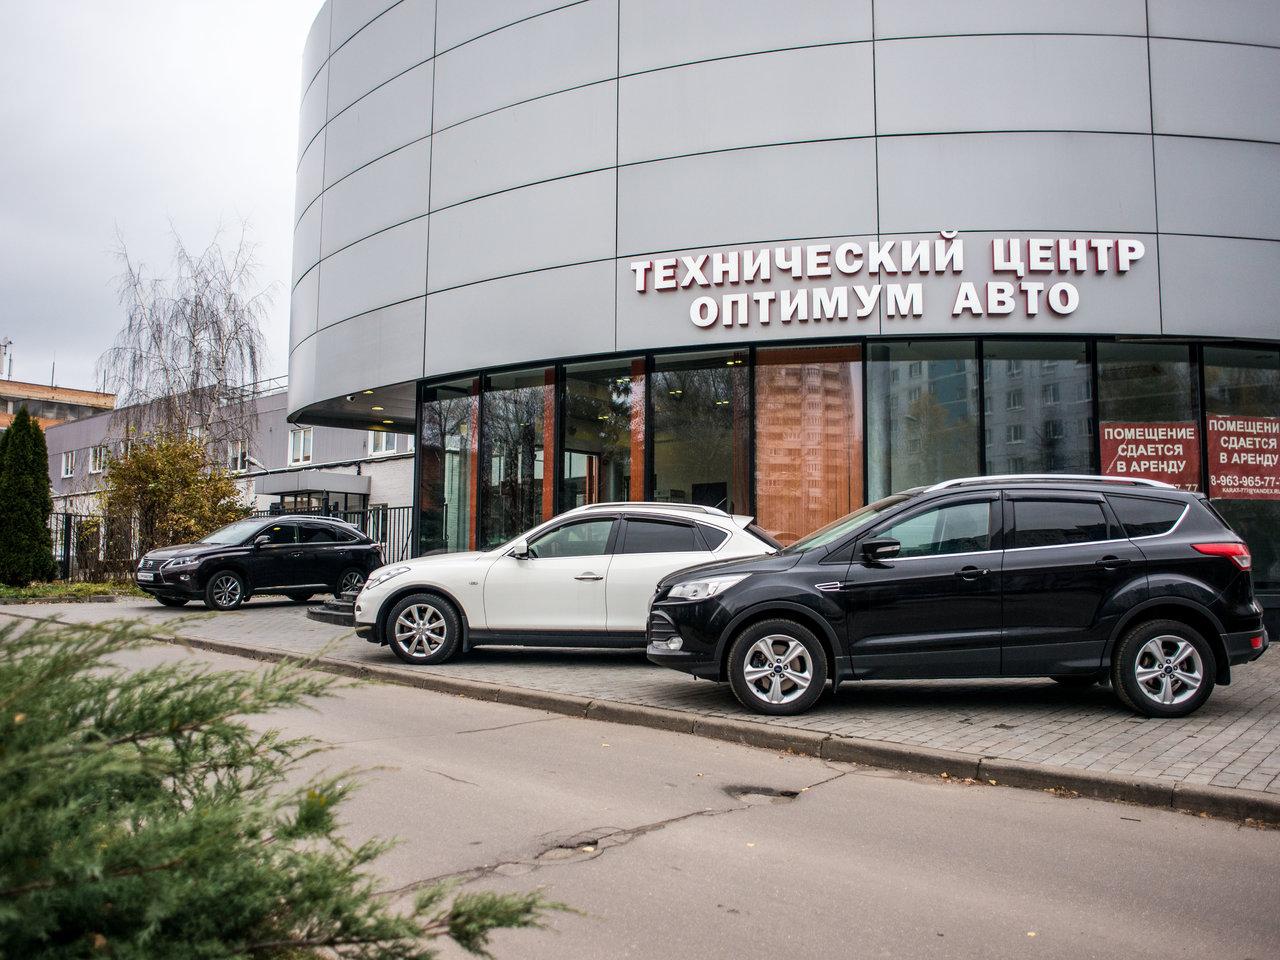 Авто бу в автосалоне москва выкуп из автоломбард